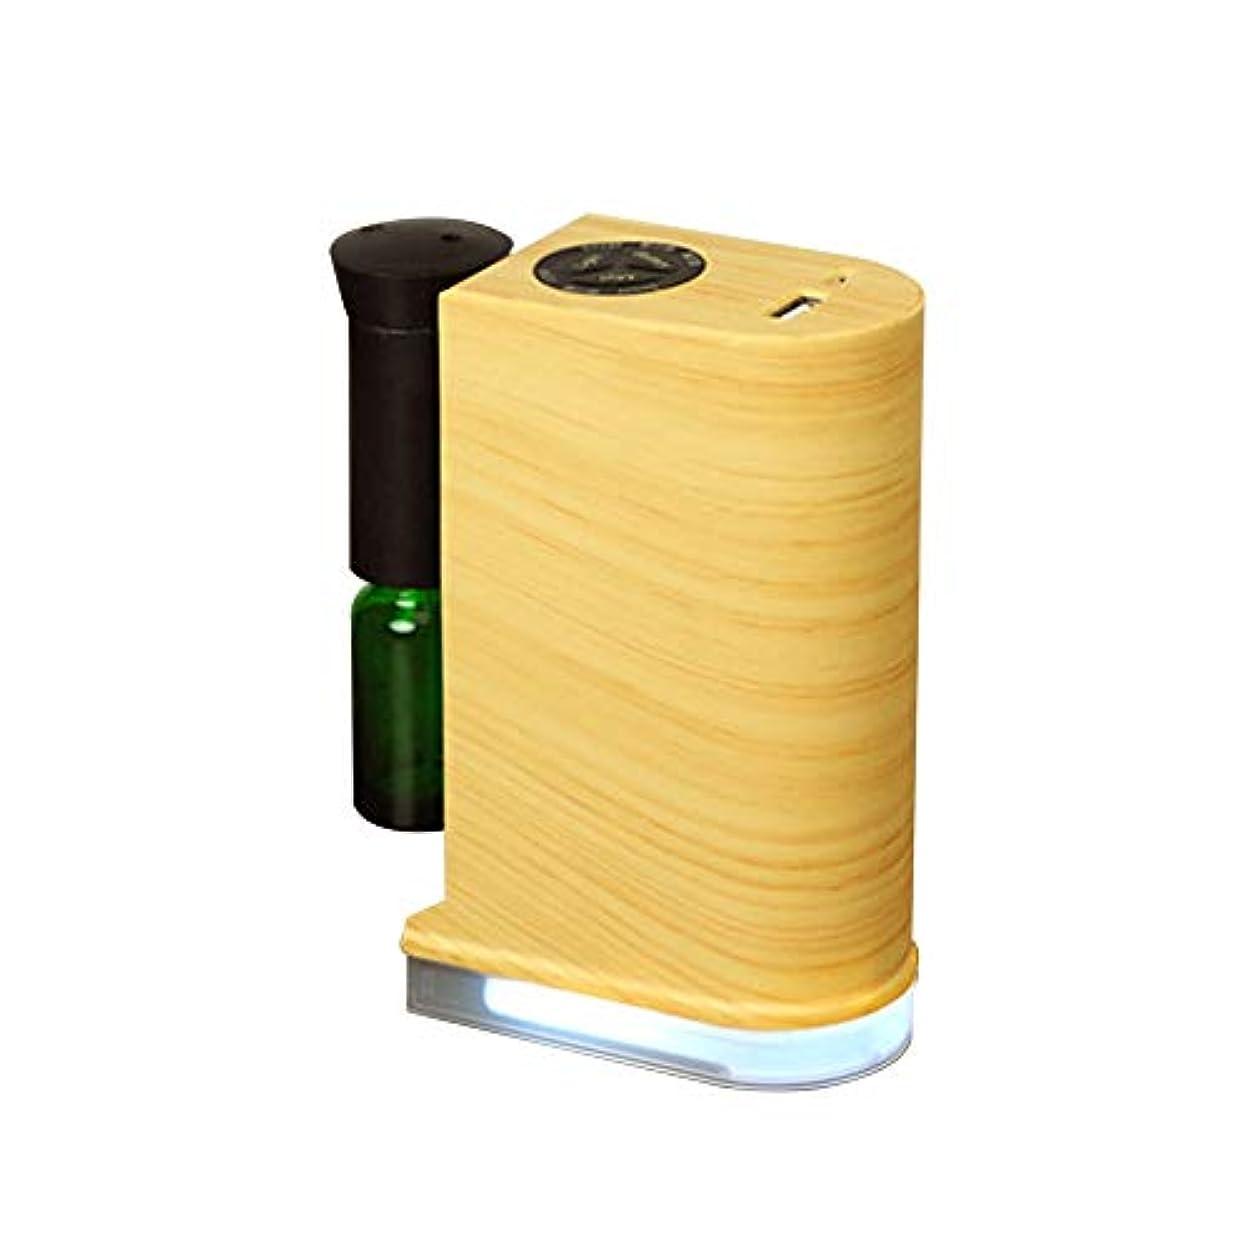 お世話になった守るトランスミッションネブライザー式アロマディフューザー 水を使わない アロマオイル対応 LEDライト付き スマホ充電可能 USBポート付き 木目調 (ナチュラル)